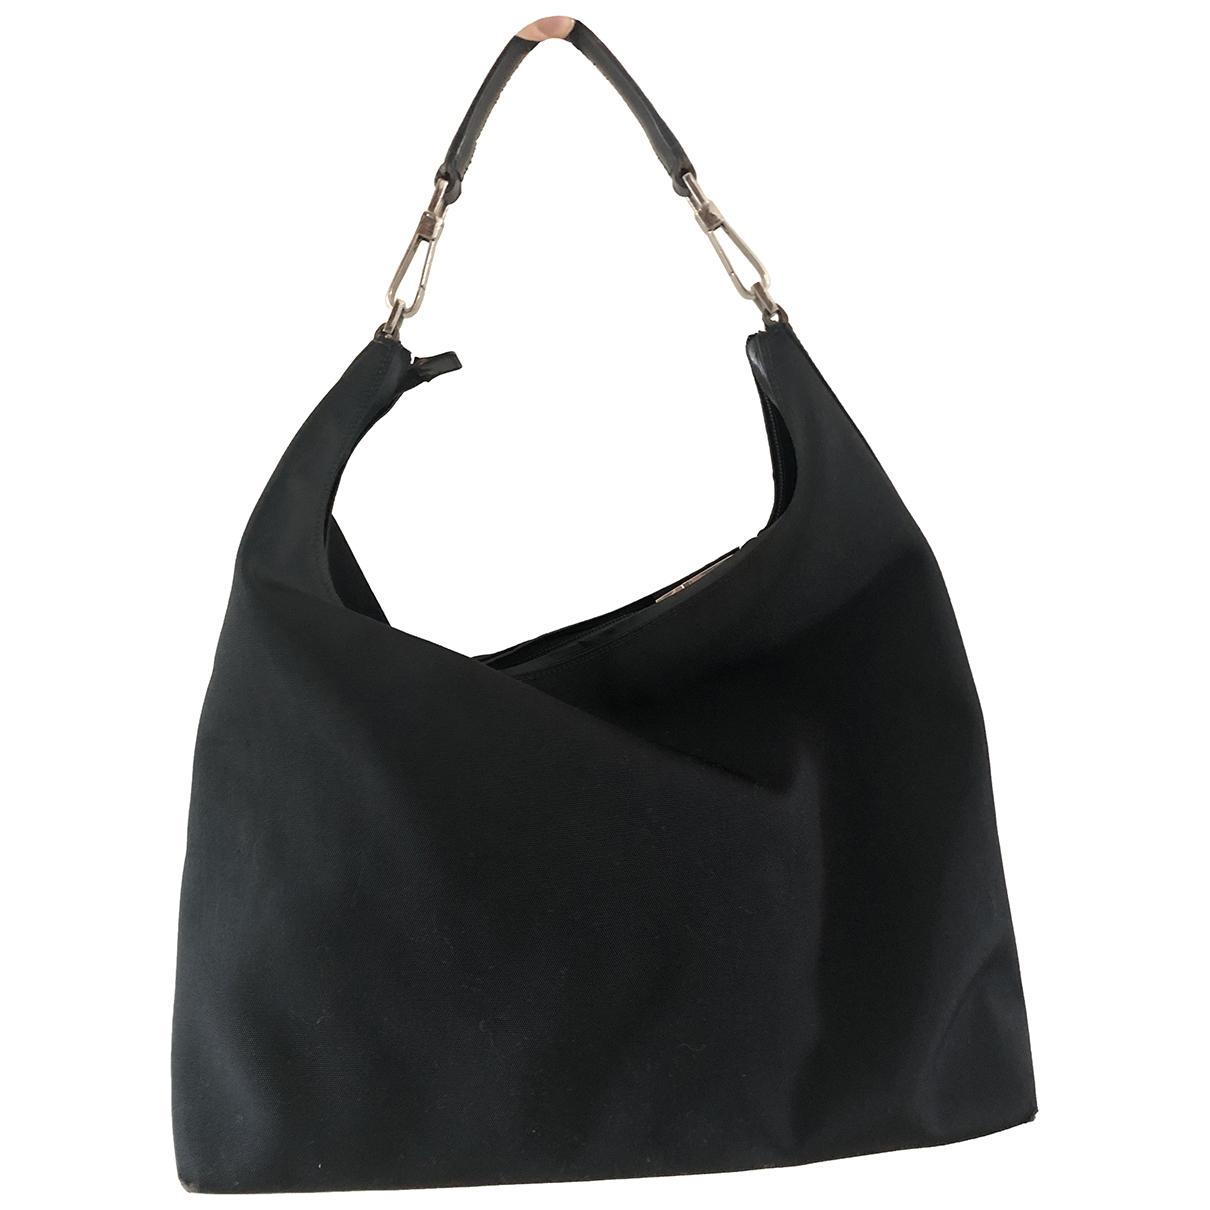 Gucci \N Handtasche in  Schwarz Synthetik